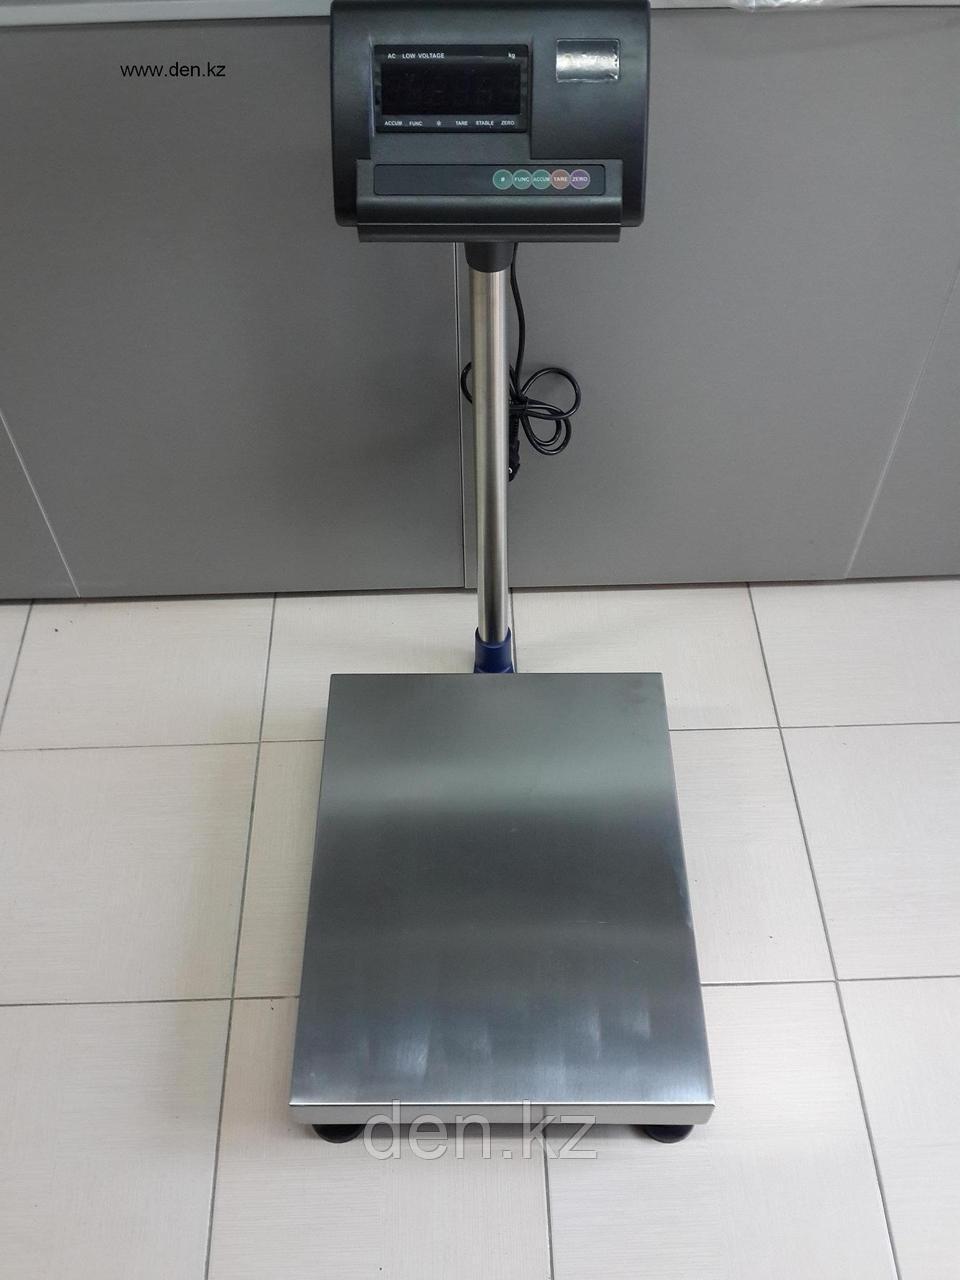 Весы напольные Эталон-П